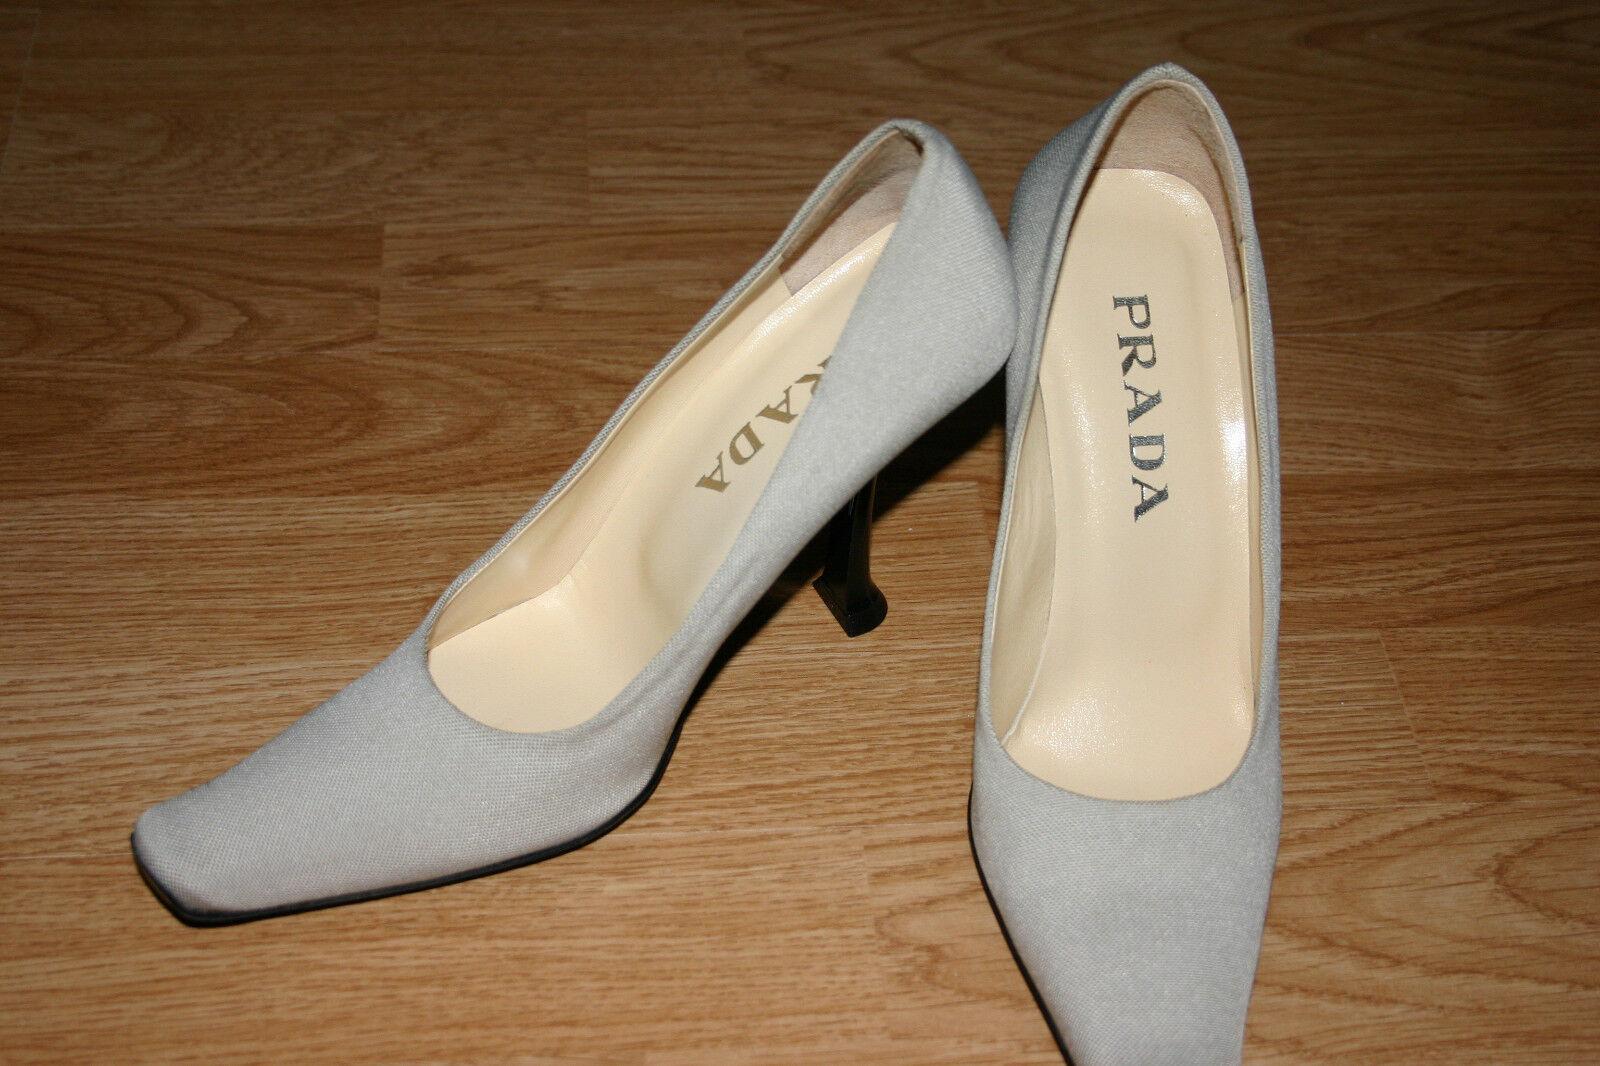 Nuevo Prada Prada Prada tan Tacones pumpszapatos Talla 37.5  para proporcionarle una compra en línea agradable